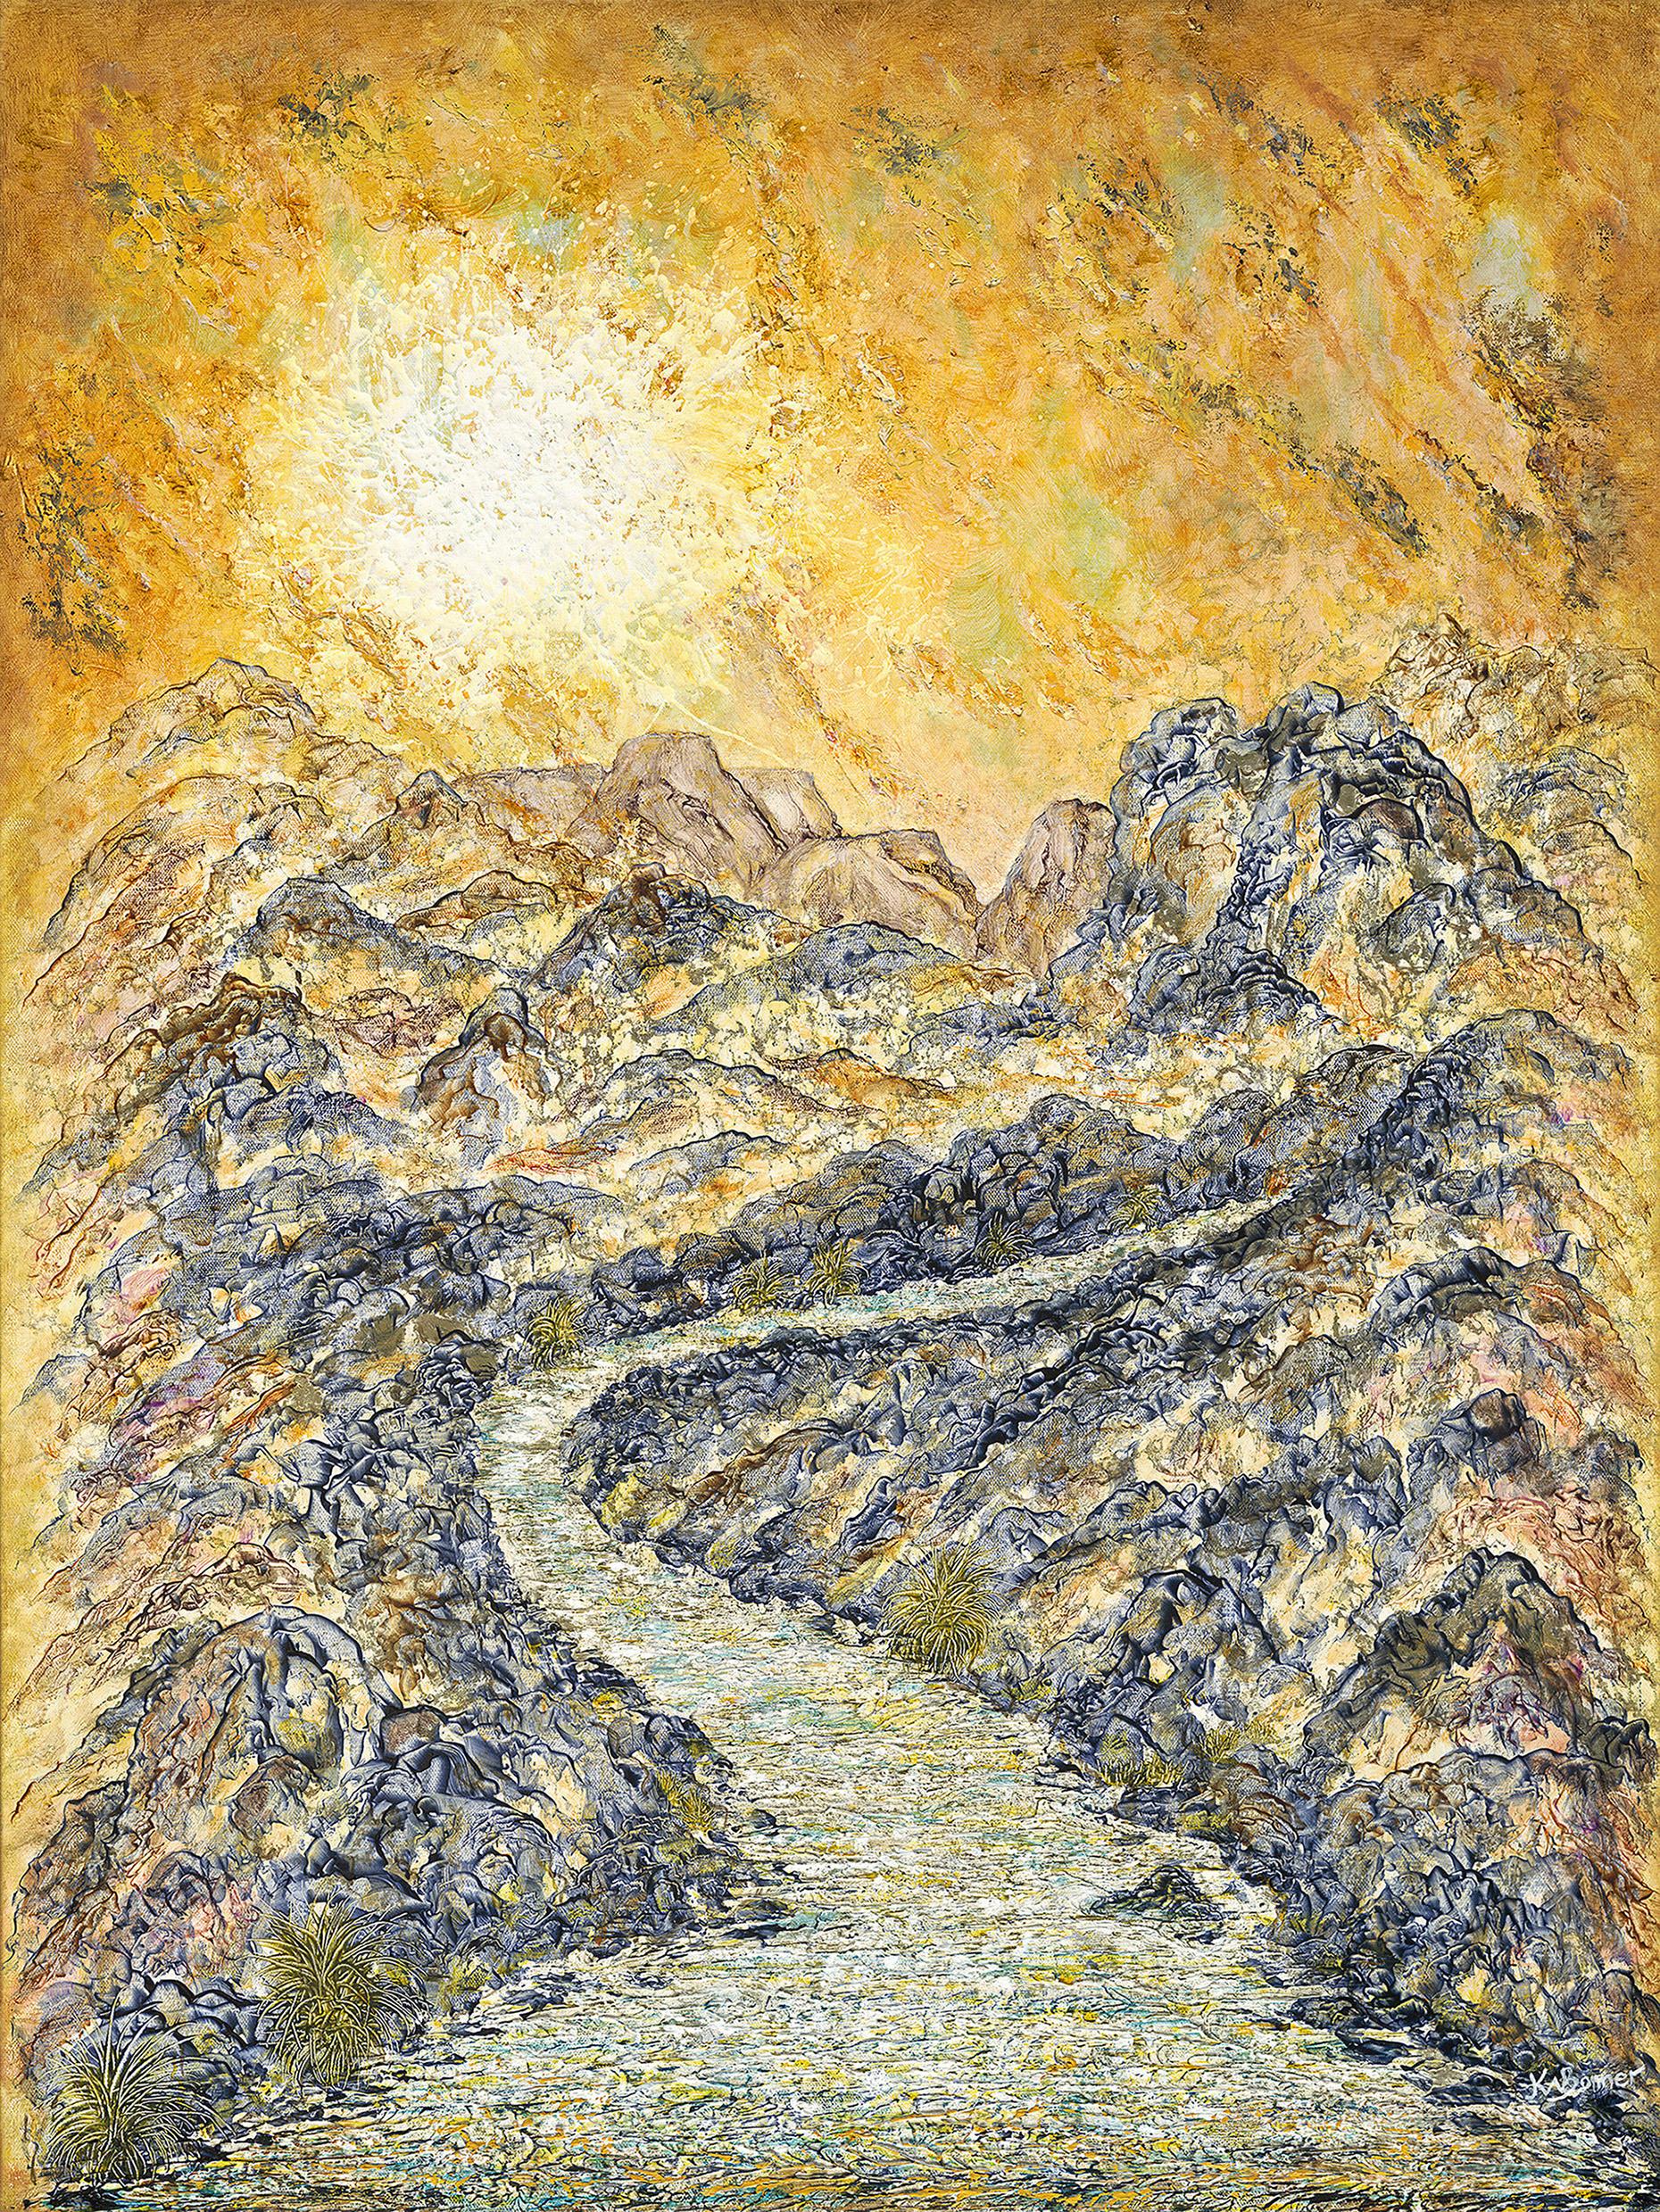 After the Rain | Landscape | Ken Bonner Original Oil Paintings | Santa Fe New Mexico